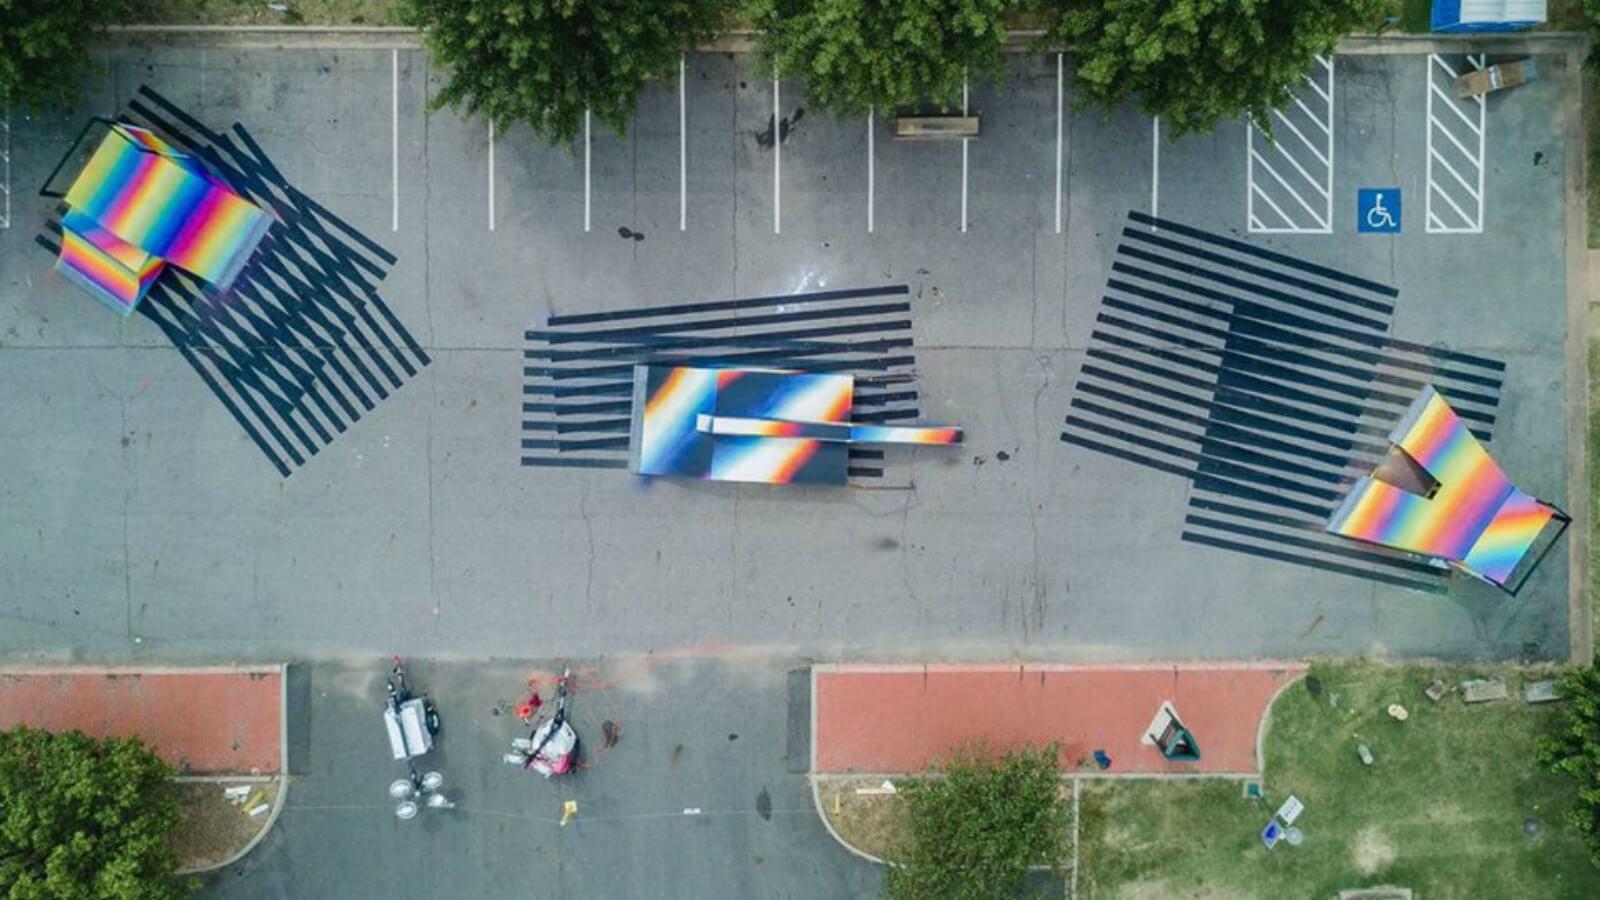 Felipe Pantone and Saner reunited at art festival in the U.S.